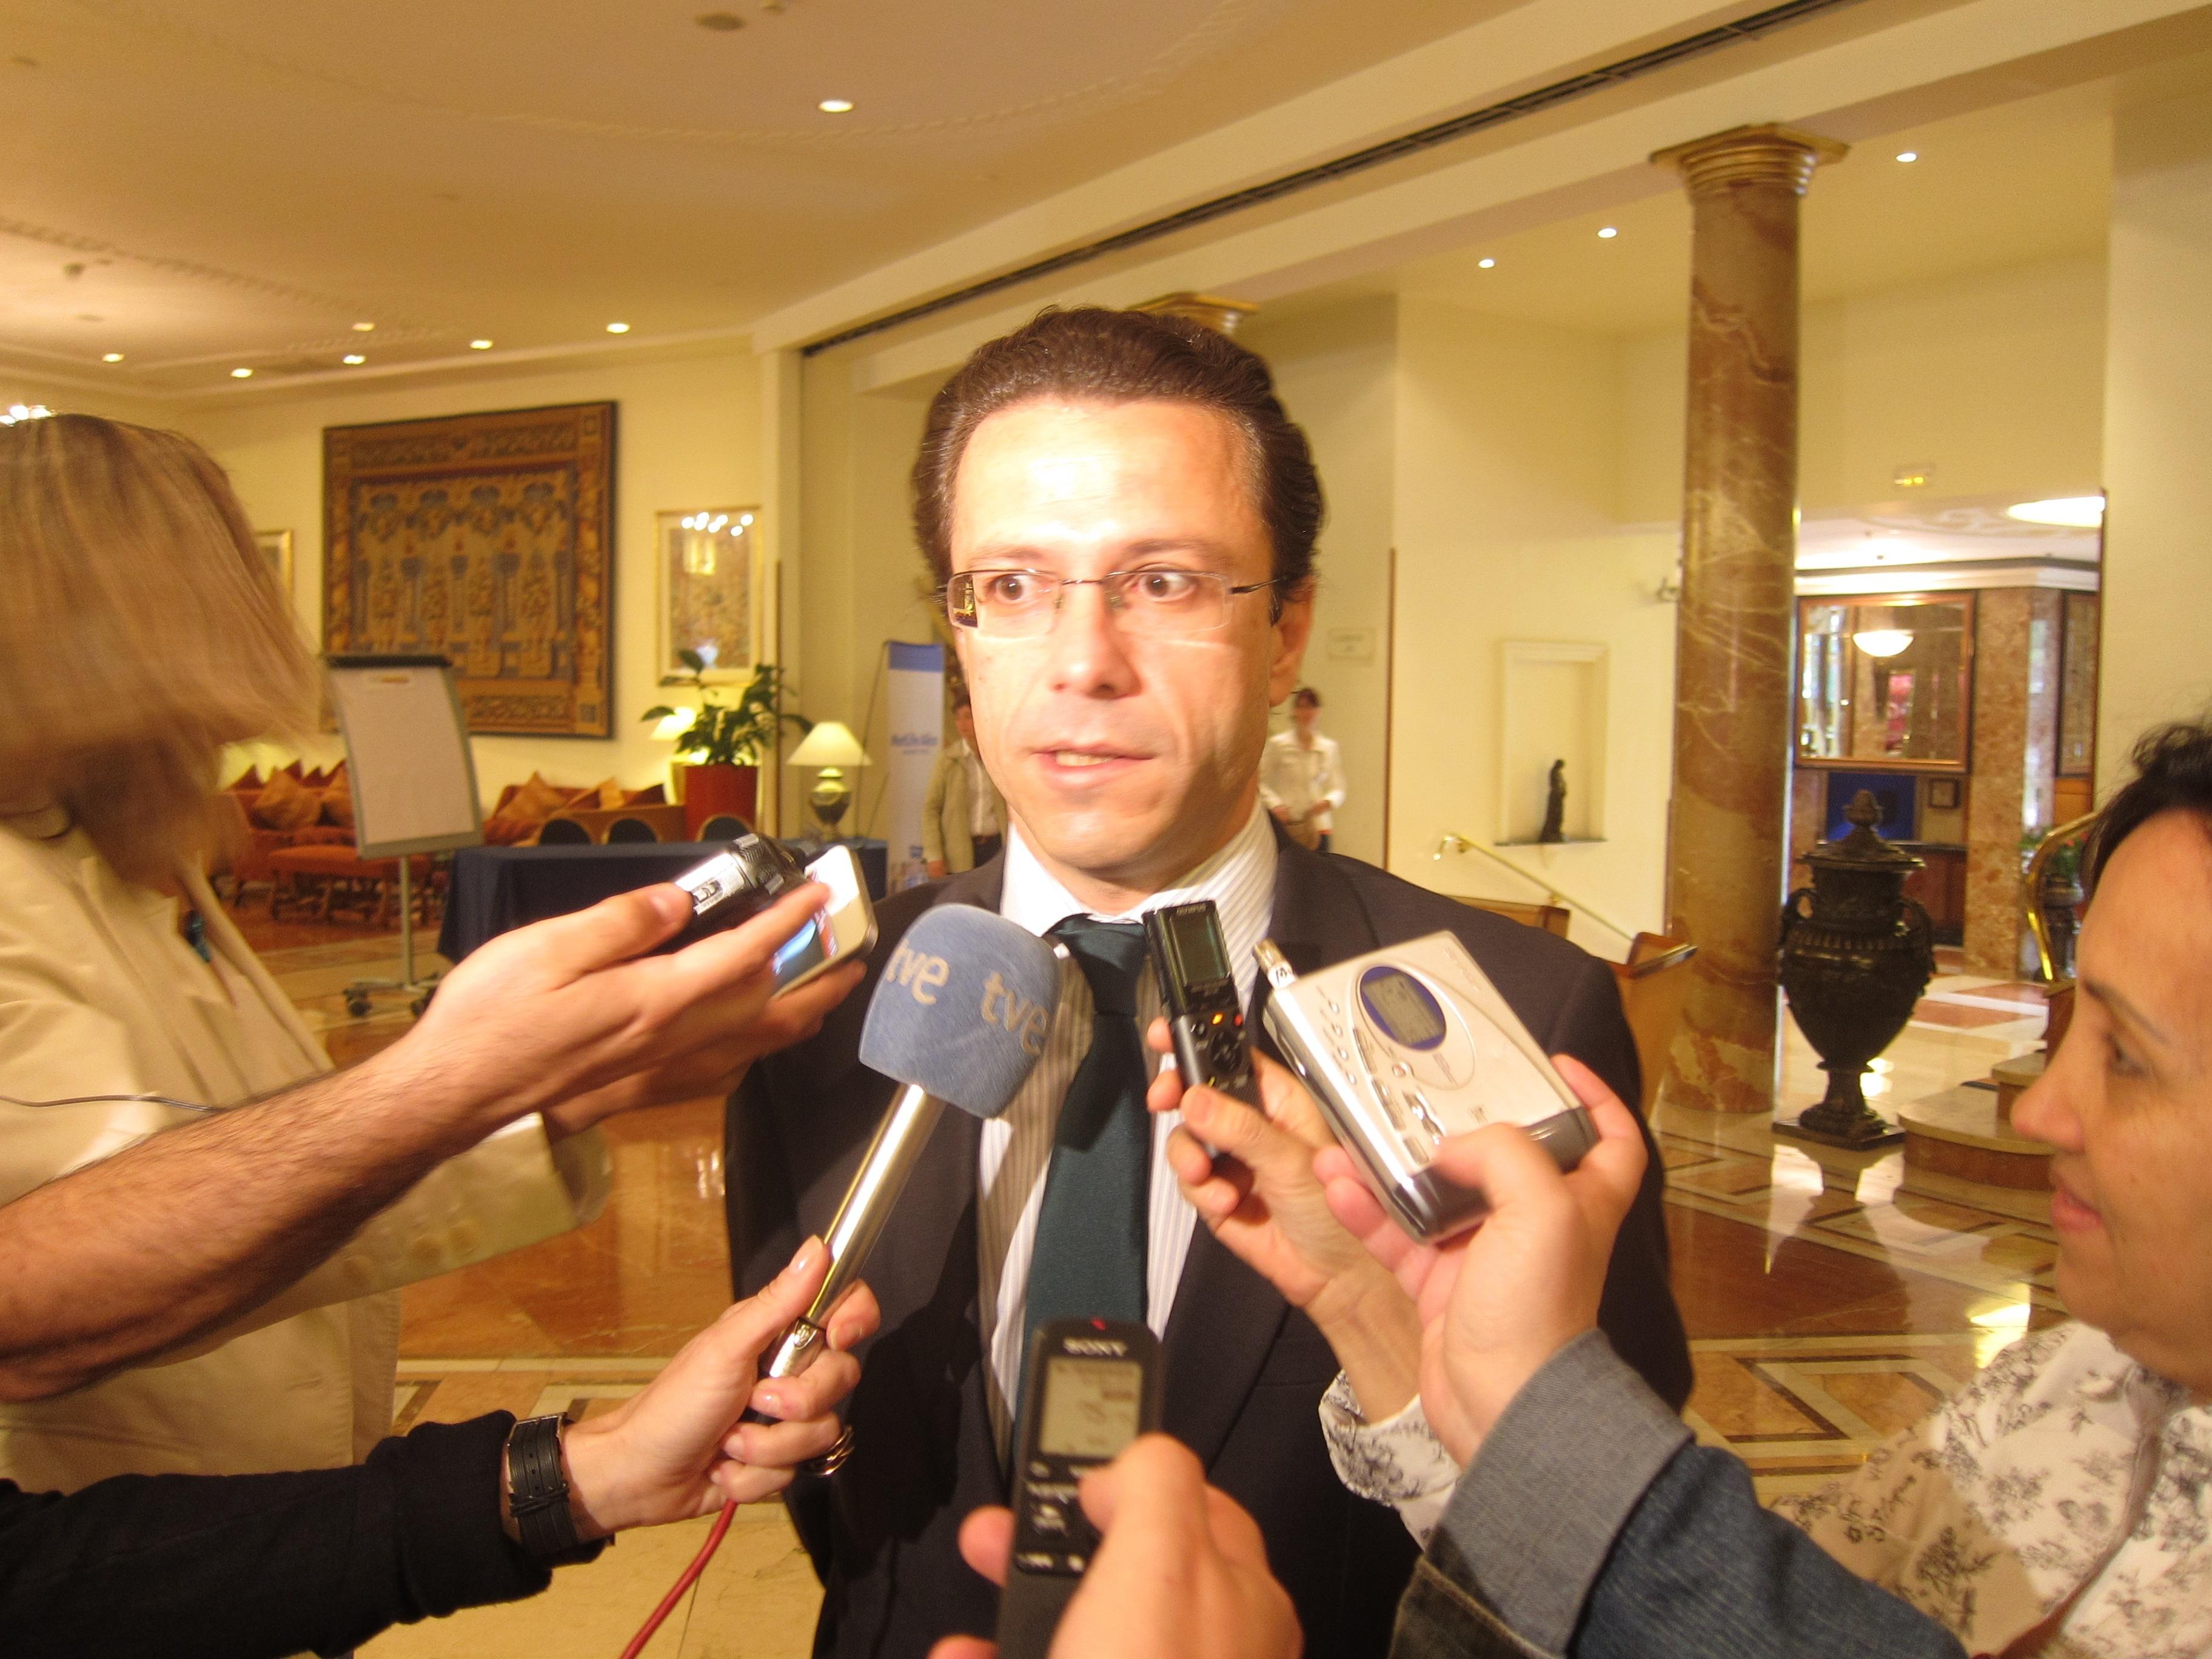 Lasquetty reprende a Gómez por recurrir a «algo ilegal» como la «amenaza» para tratar de sabotear la externalización